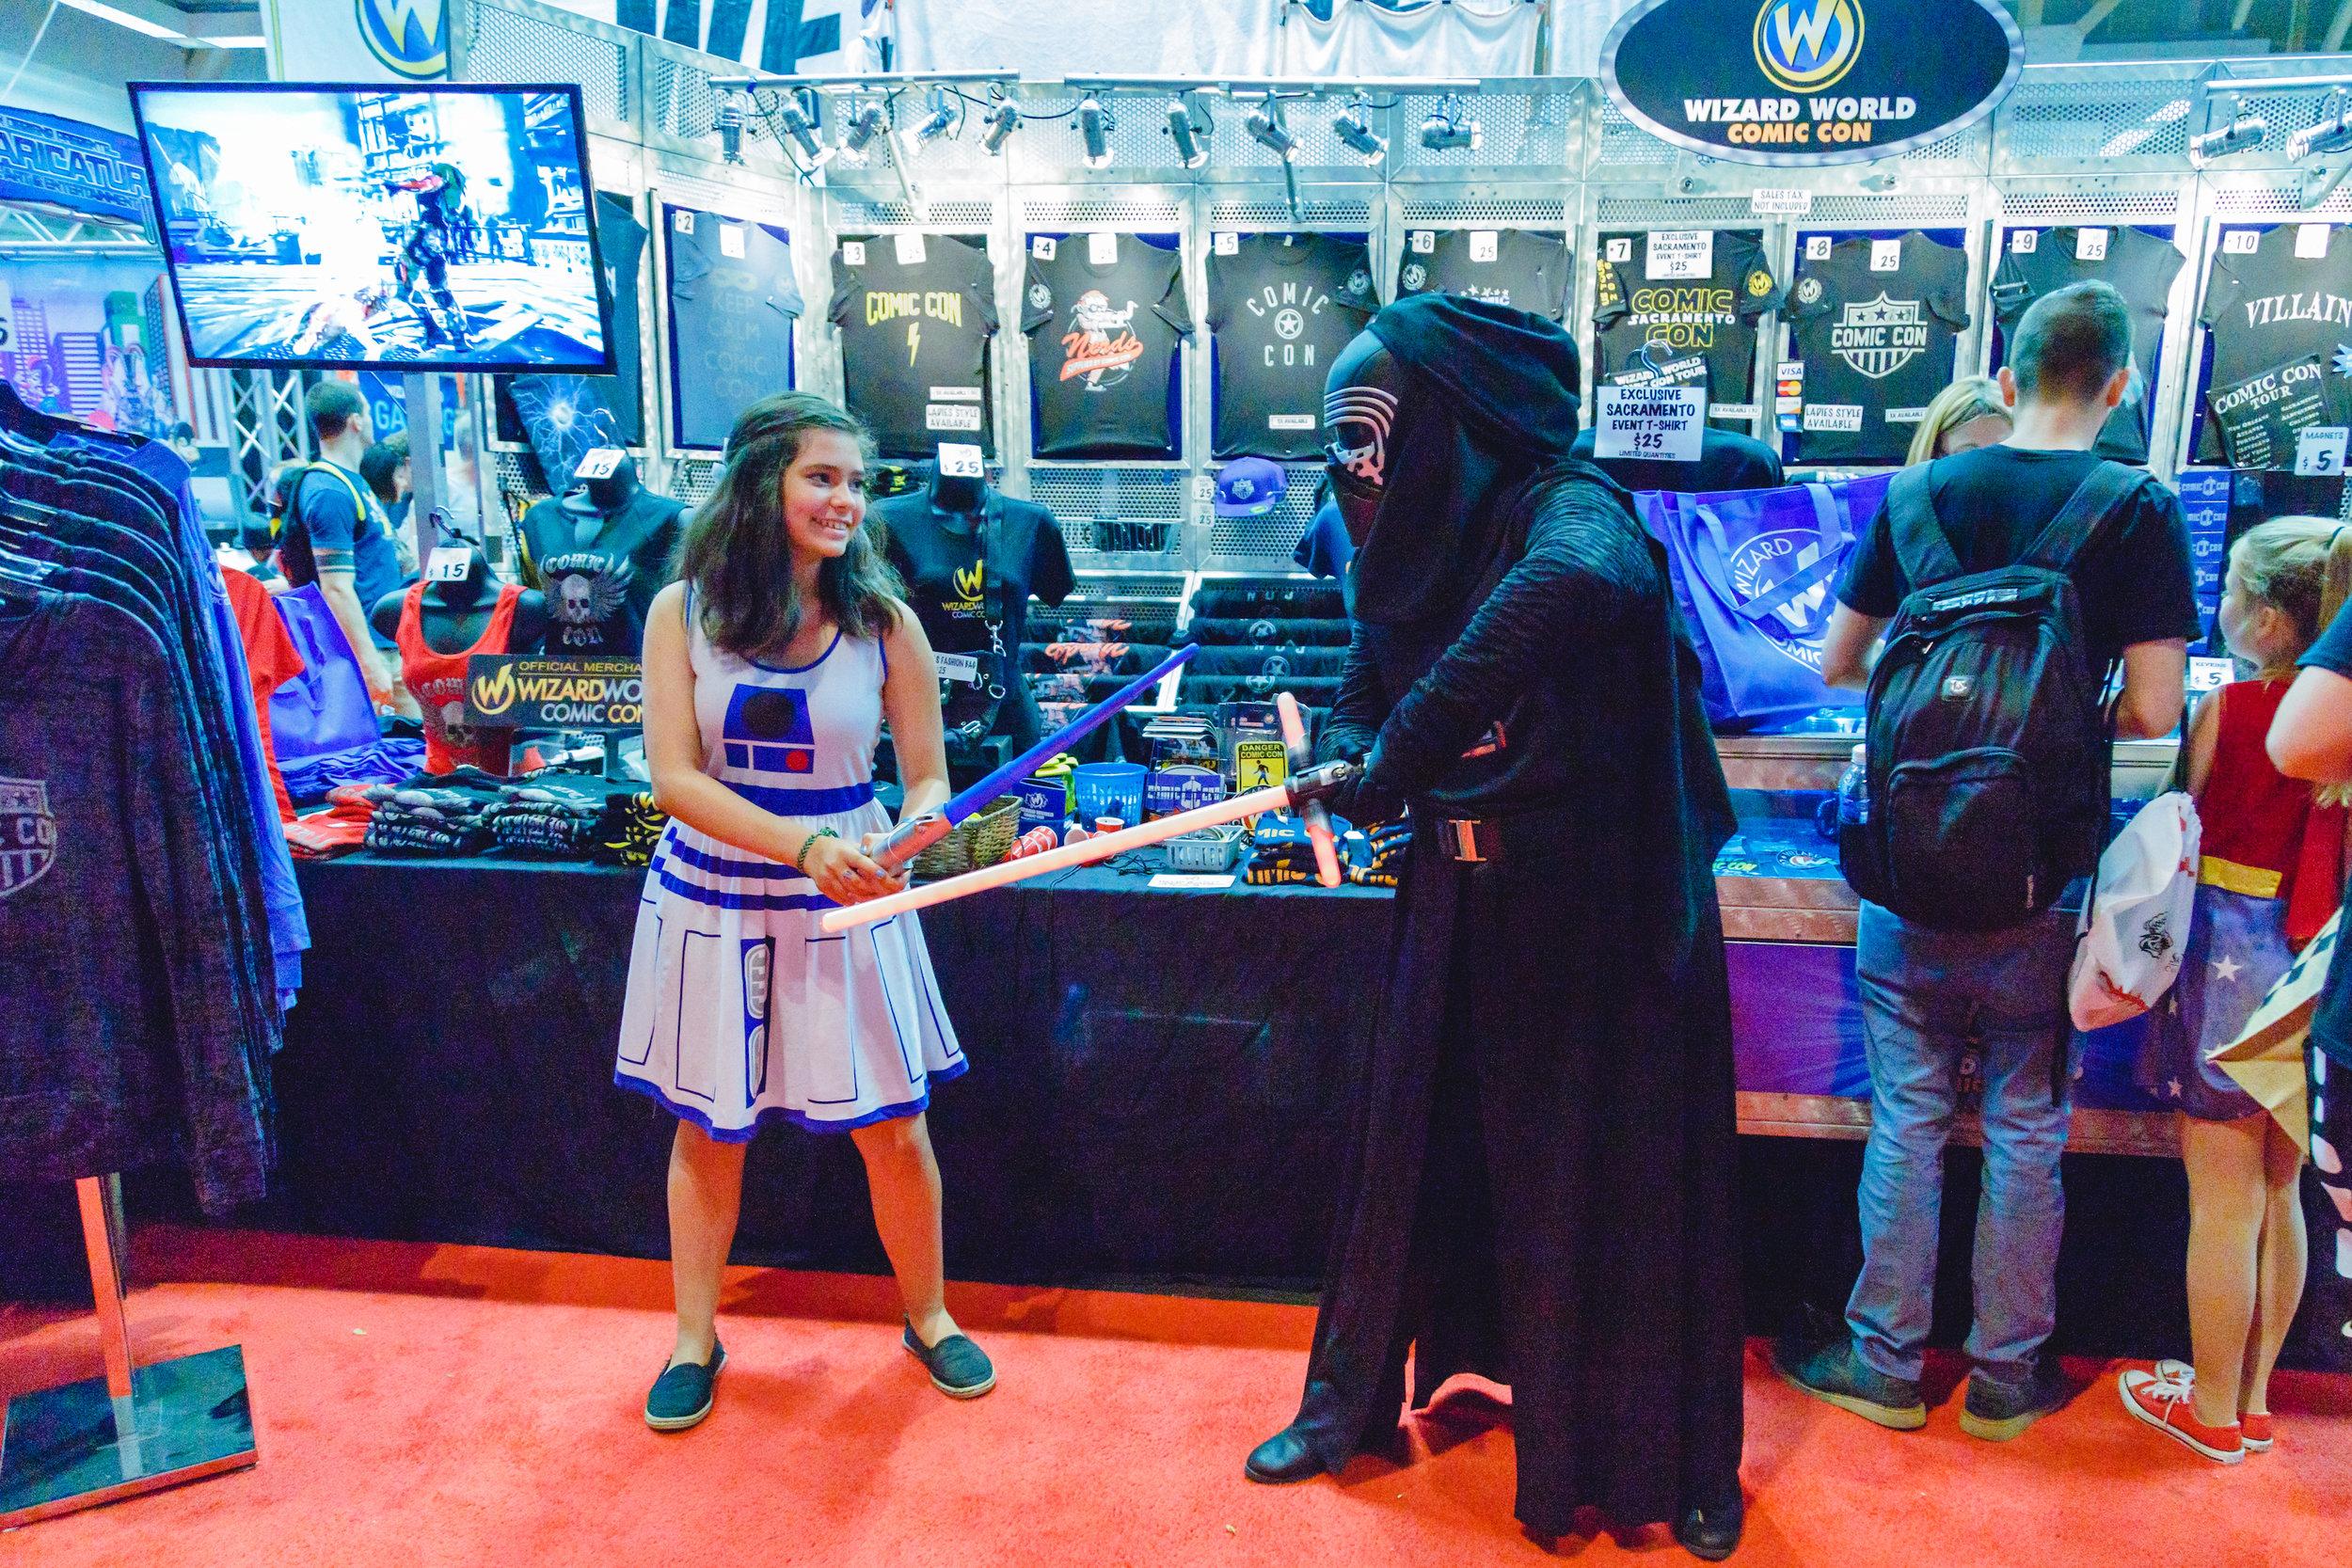 Wizard World Comic Con | Lenkaland Photography